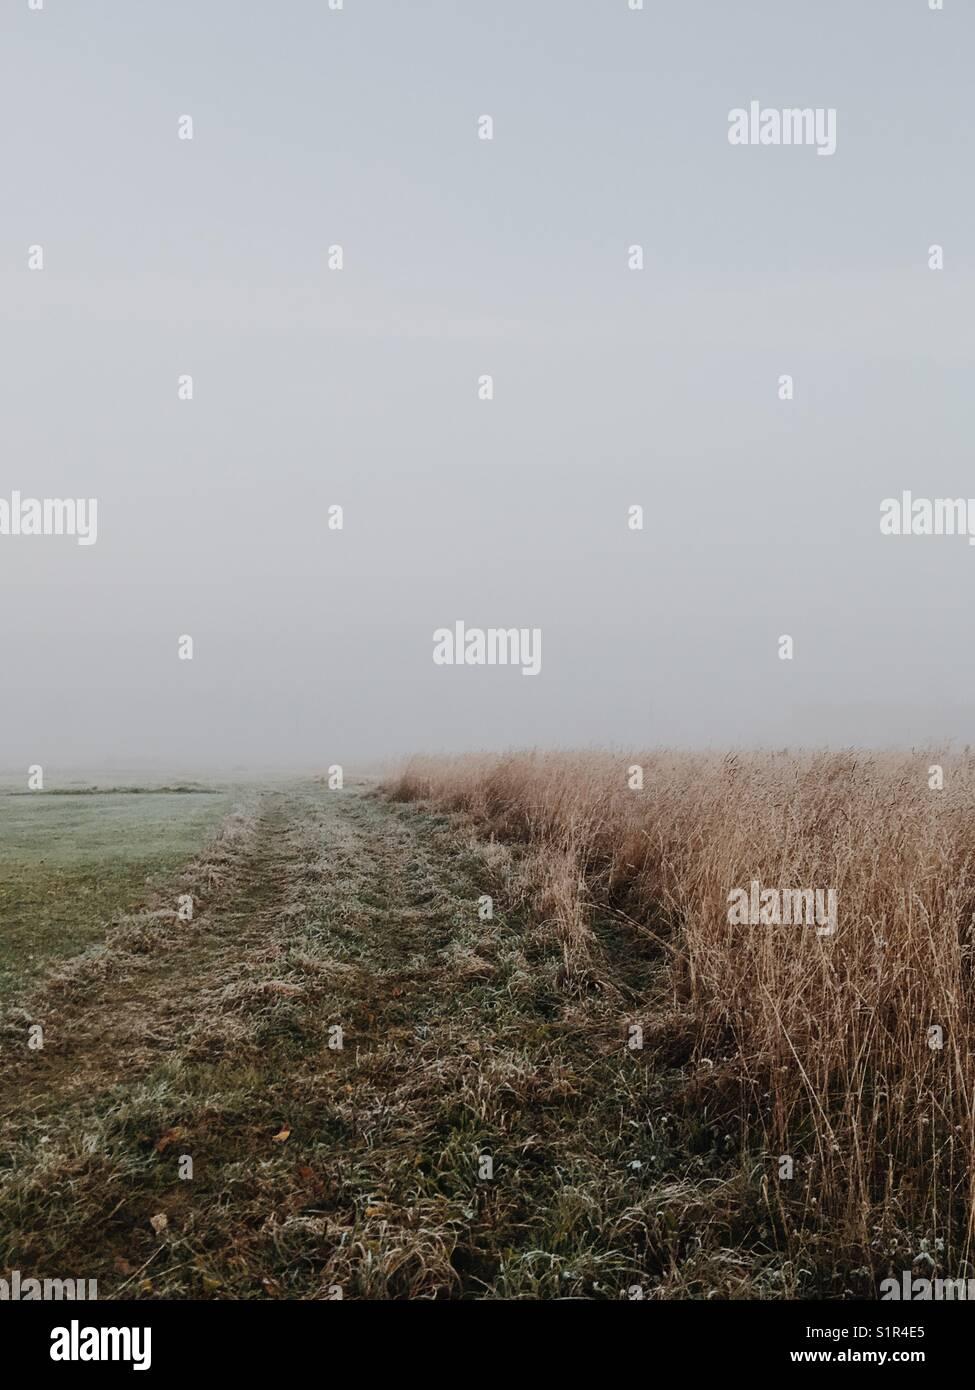 Path to Nowhere. otoños escena con maizal y hierba. Imagen De Stock